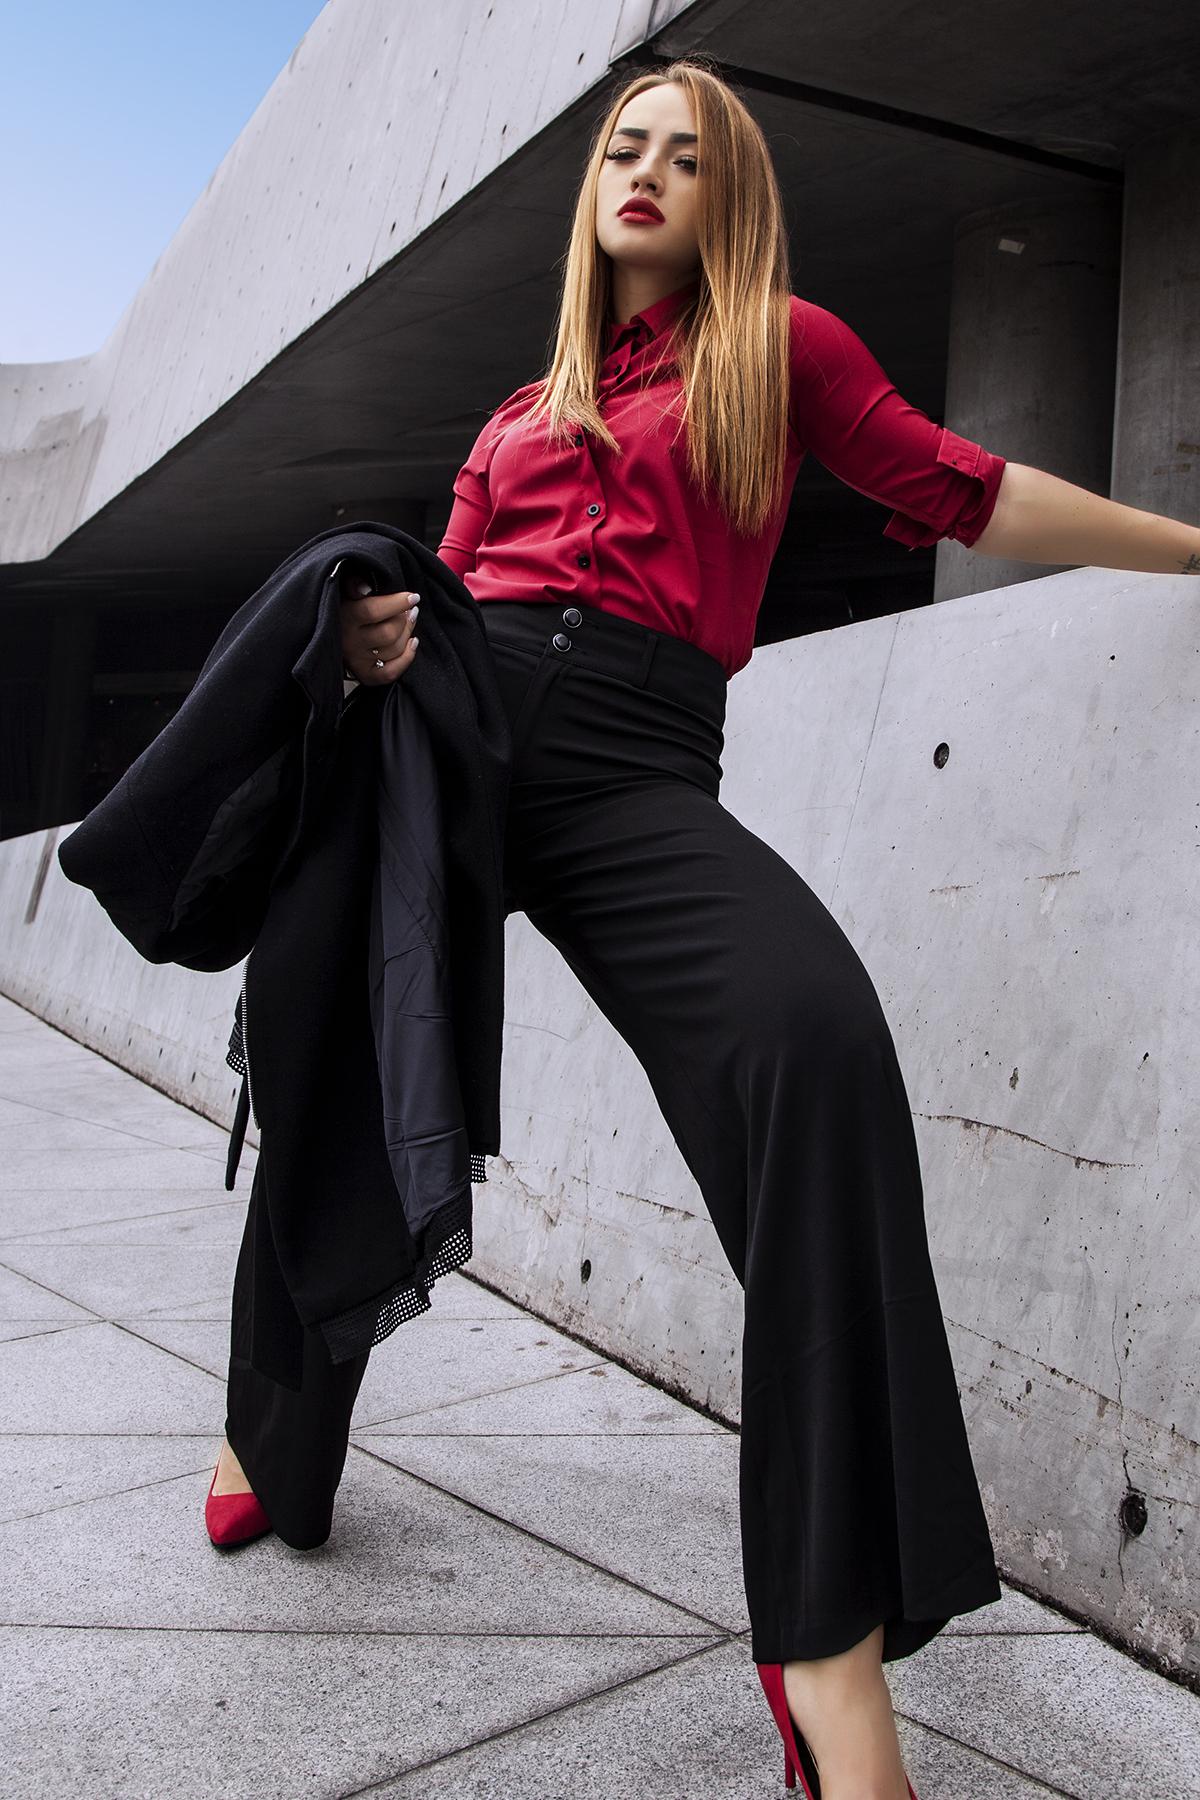 江门模特经纪外国模特哪里有淘宝摄影模特内衣内裤服装拍照模特